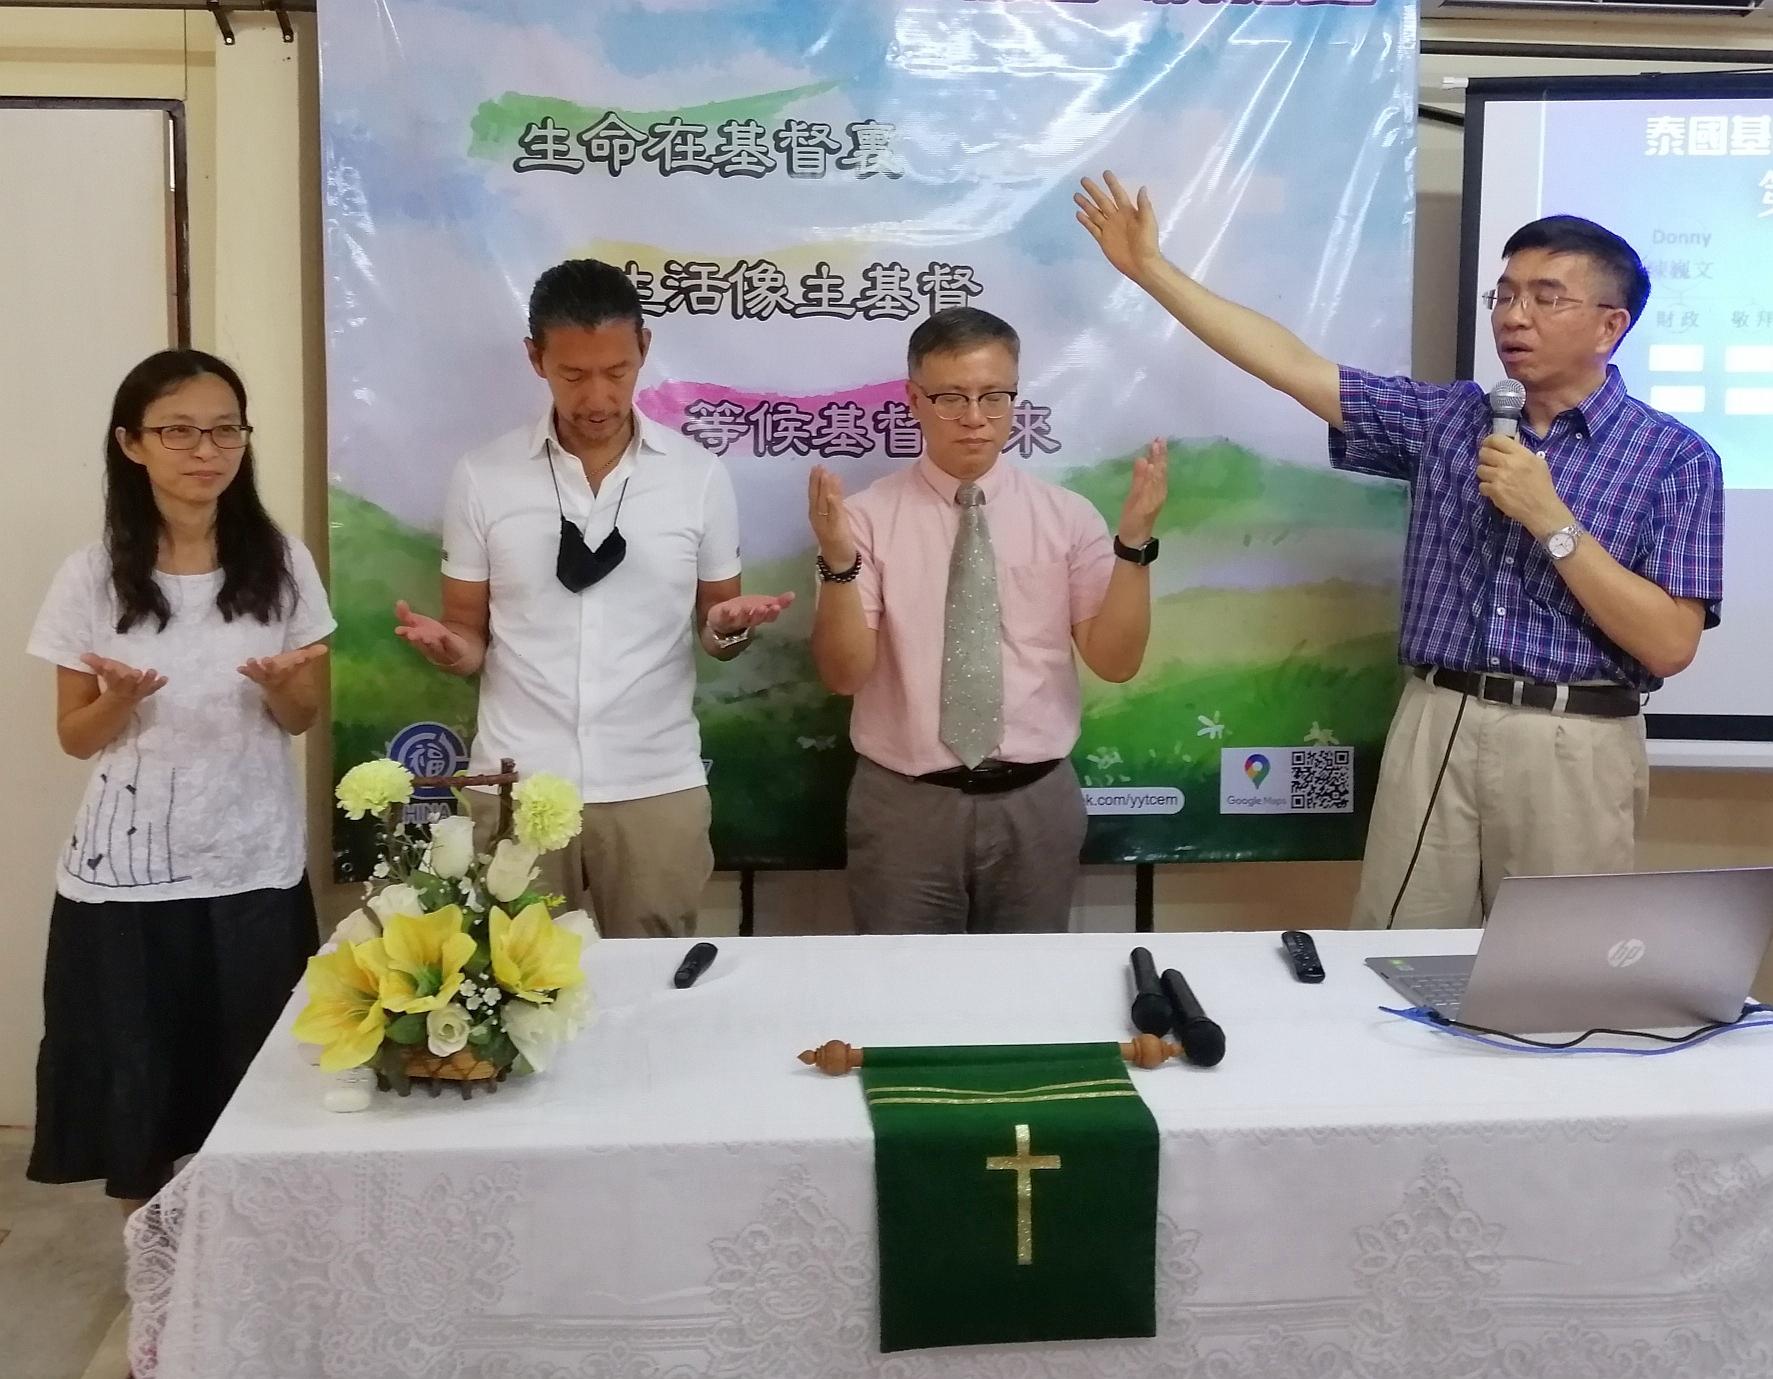 昌達為三位悅語堂的新職員禱告